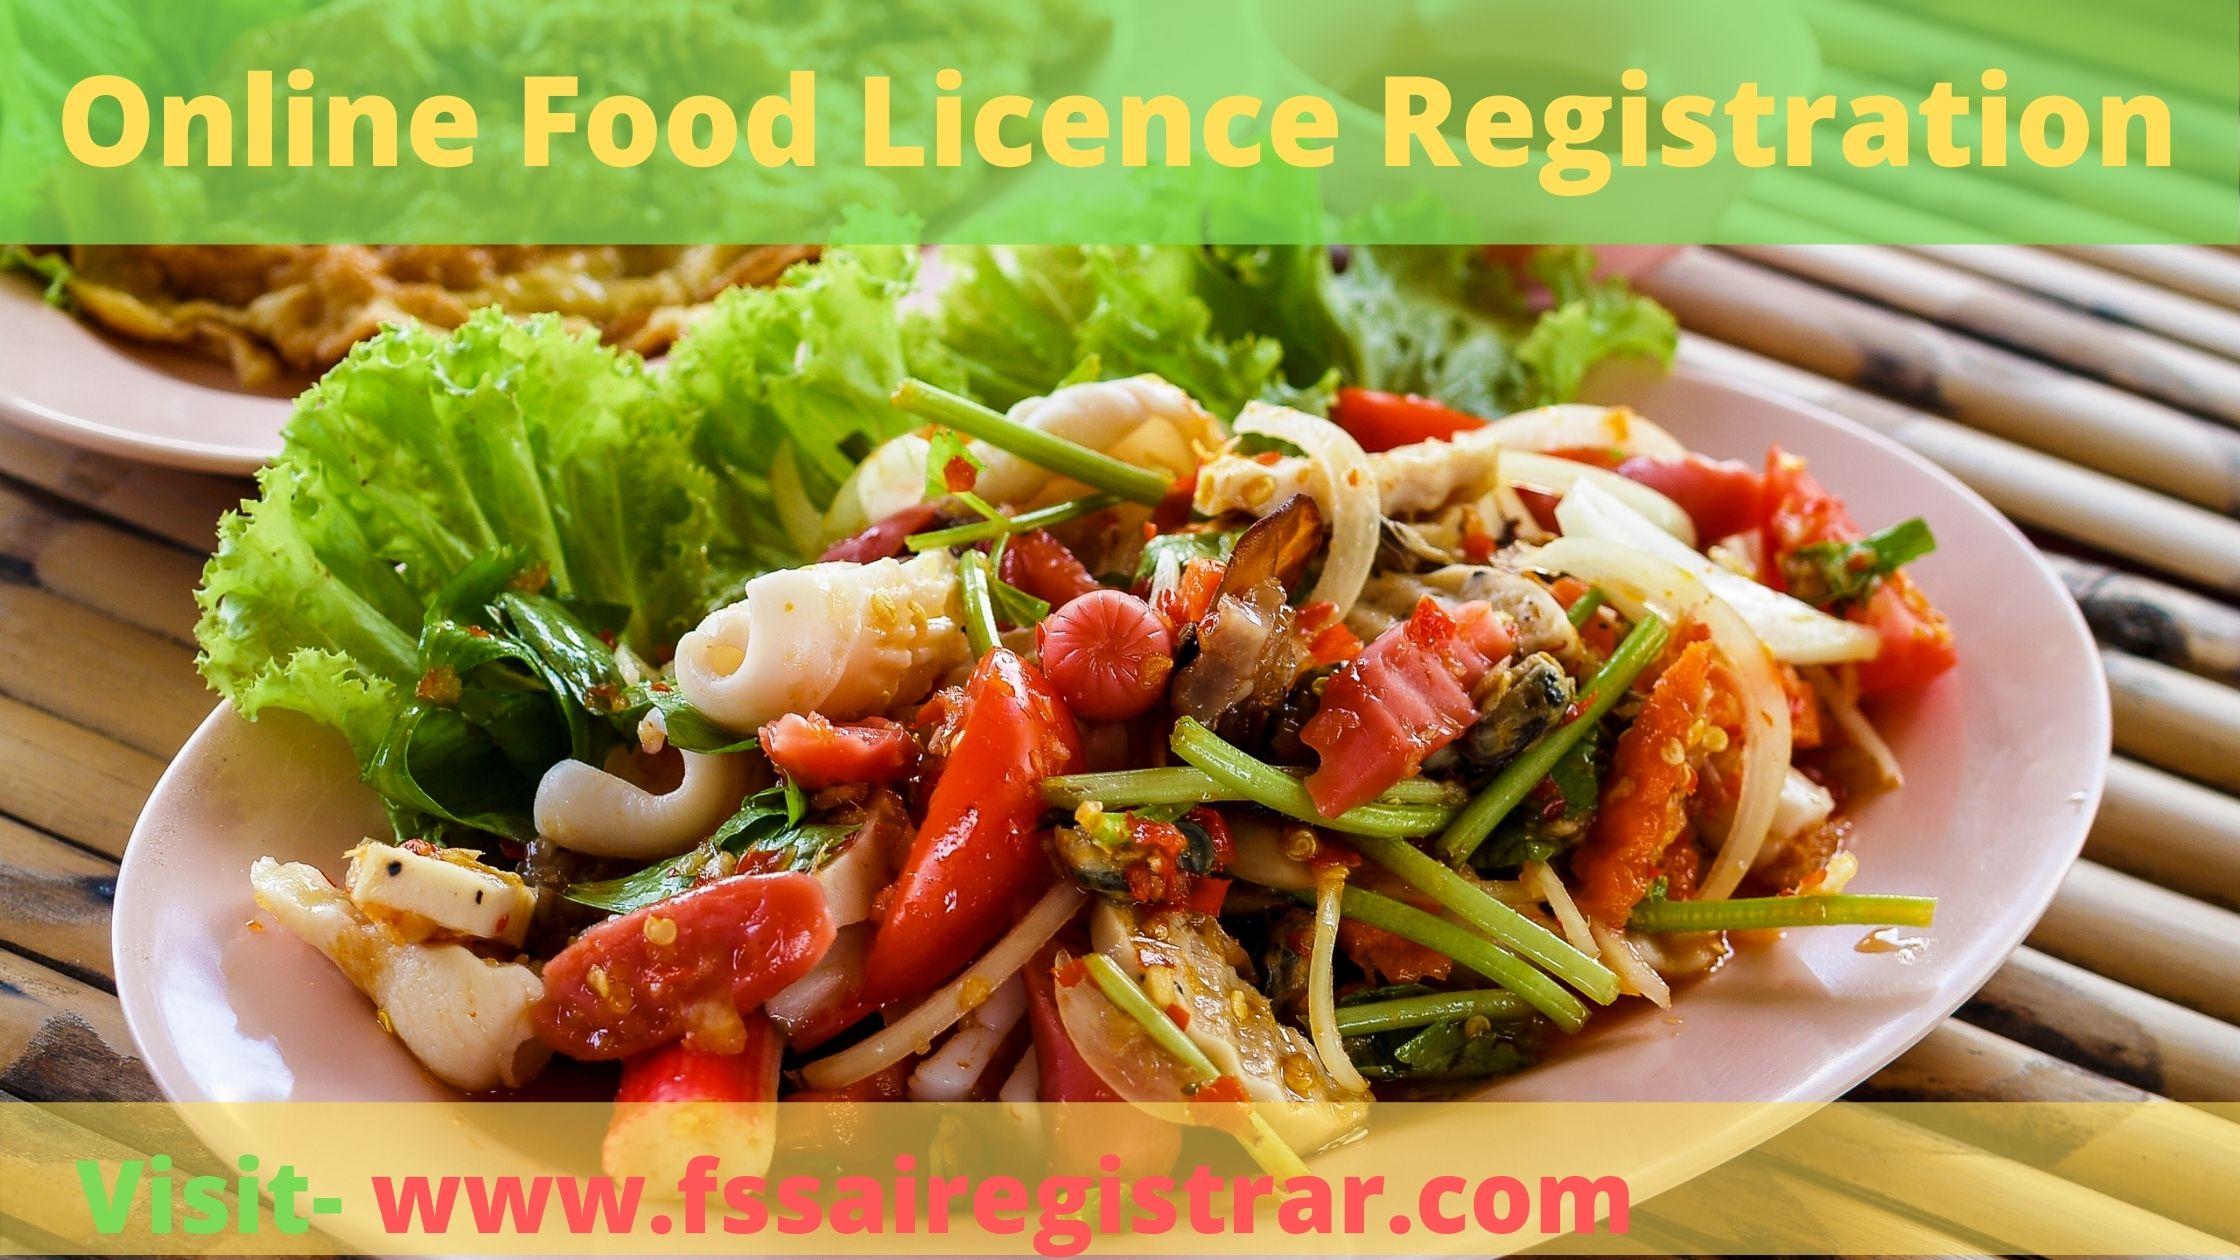 Online Food Licence Registration